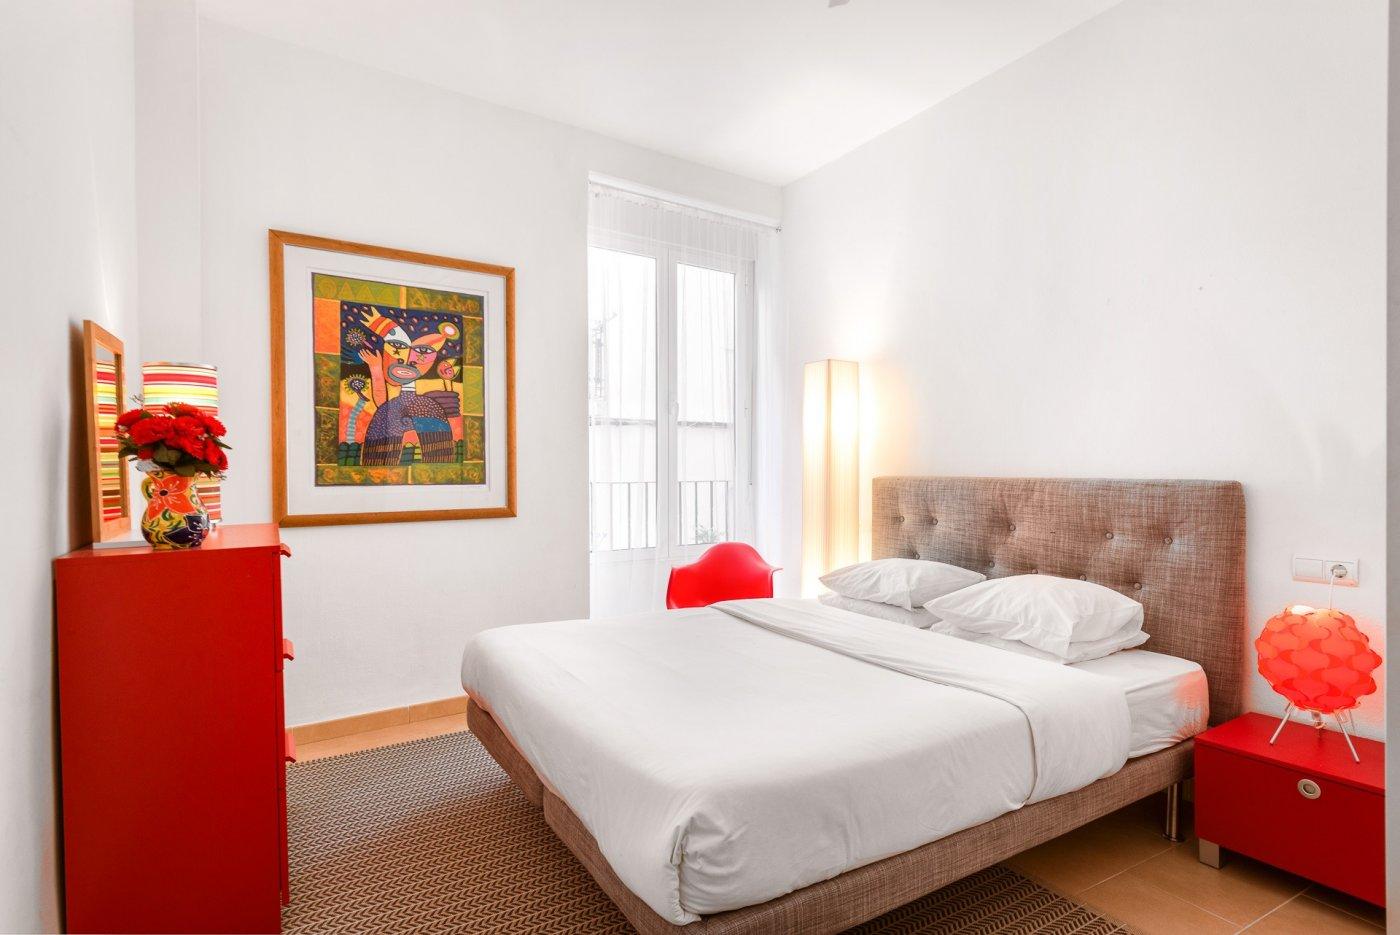 Oportunidad, piso en venta con licencia turística - imagenInmueble16